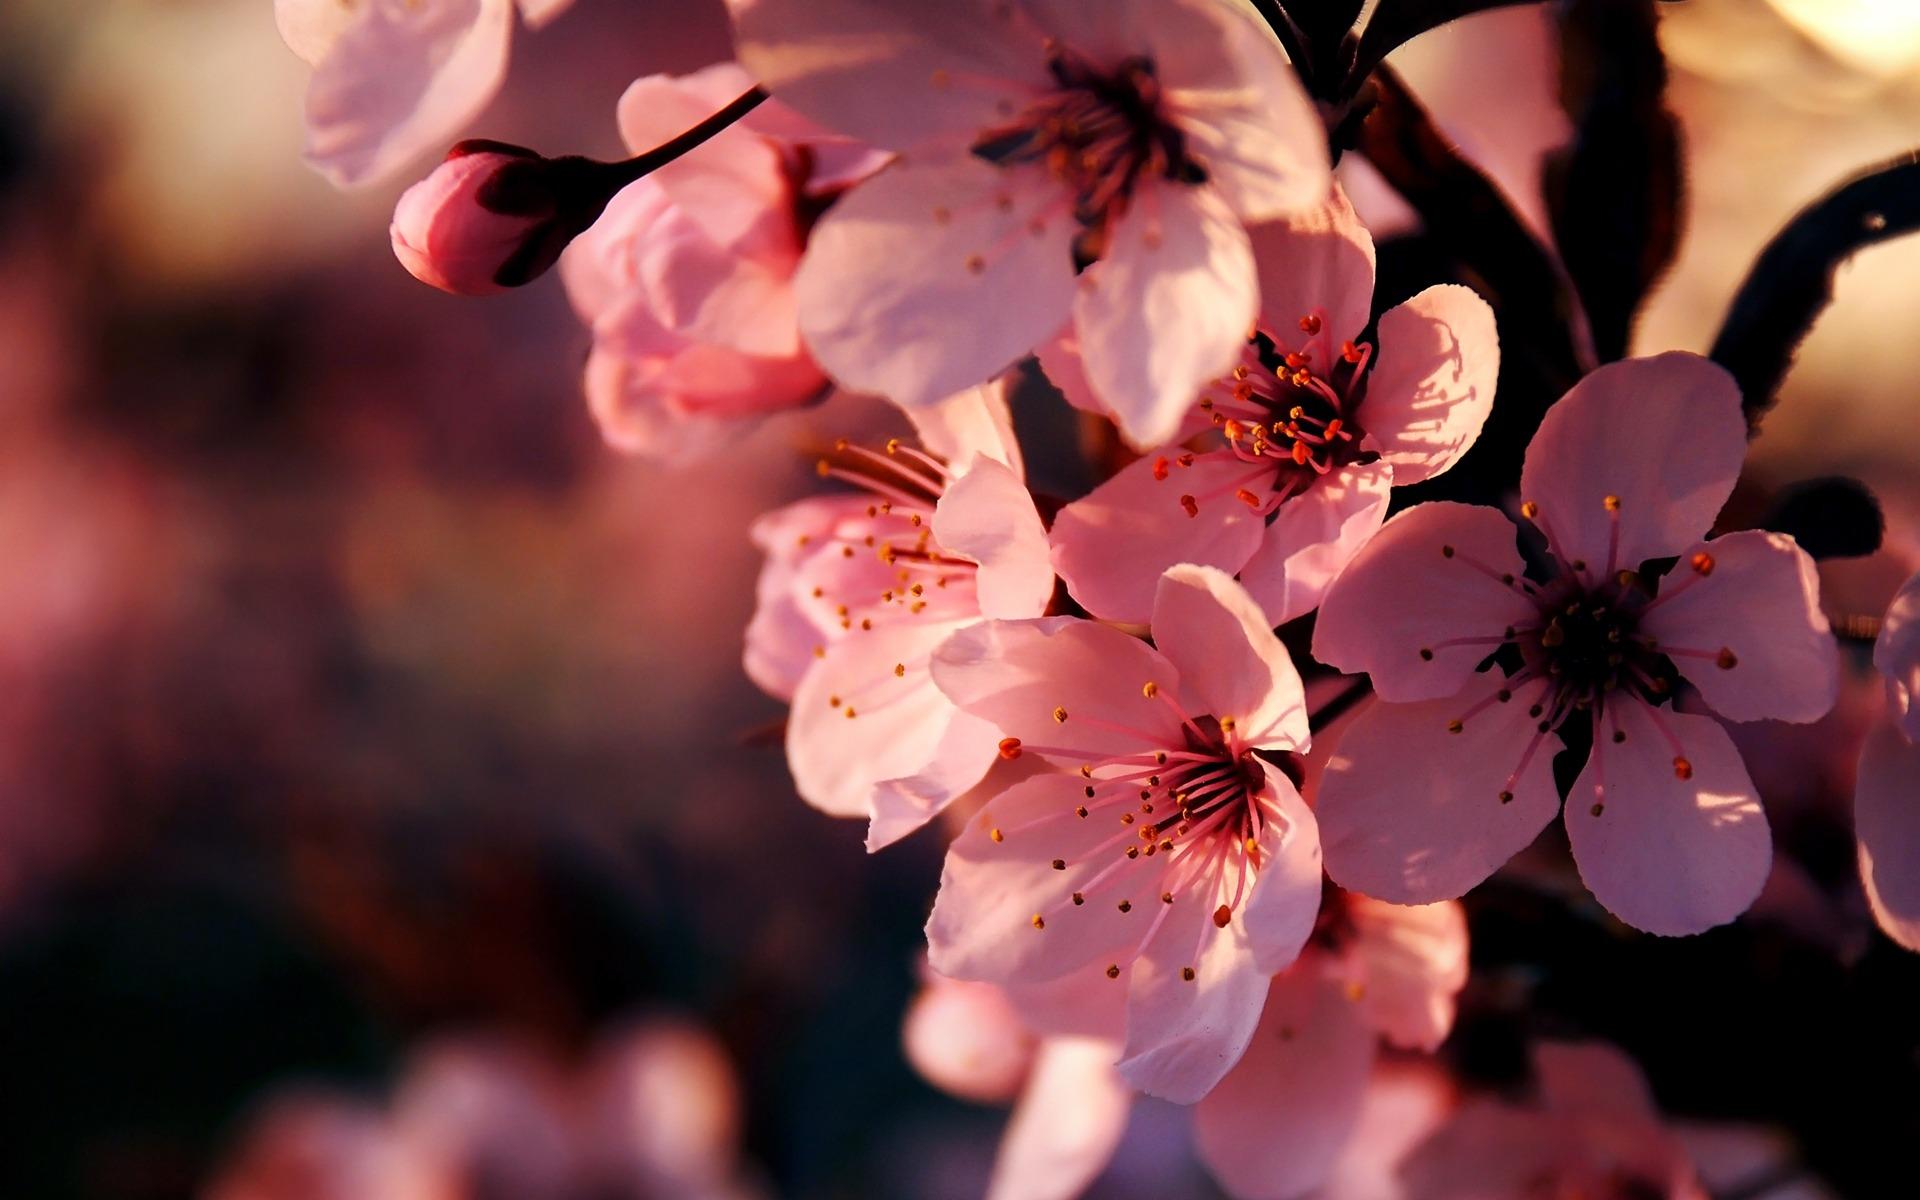 Картинка на компьютер на рабочий стол весна, день